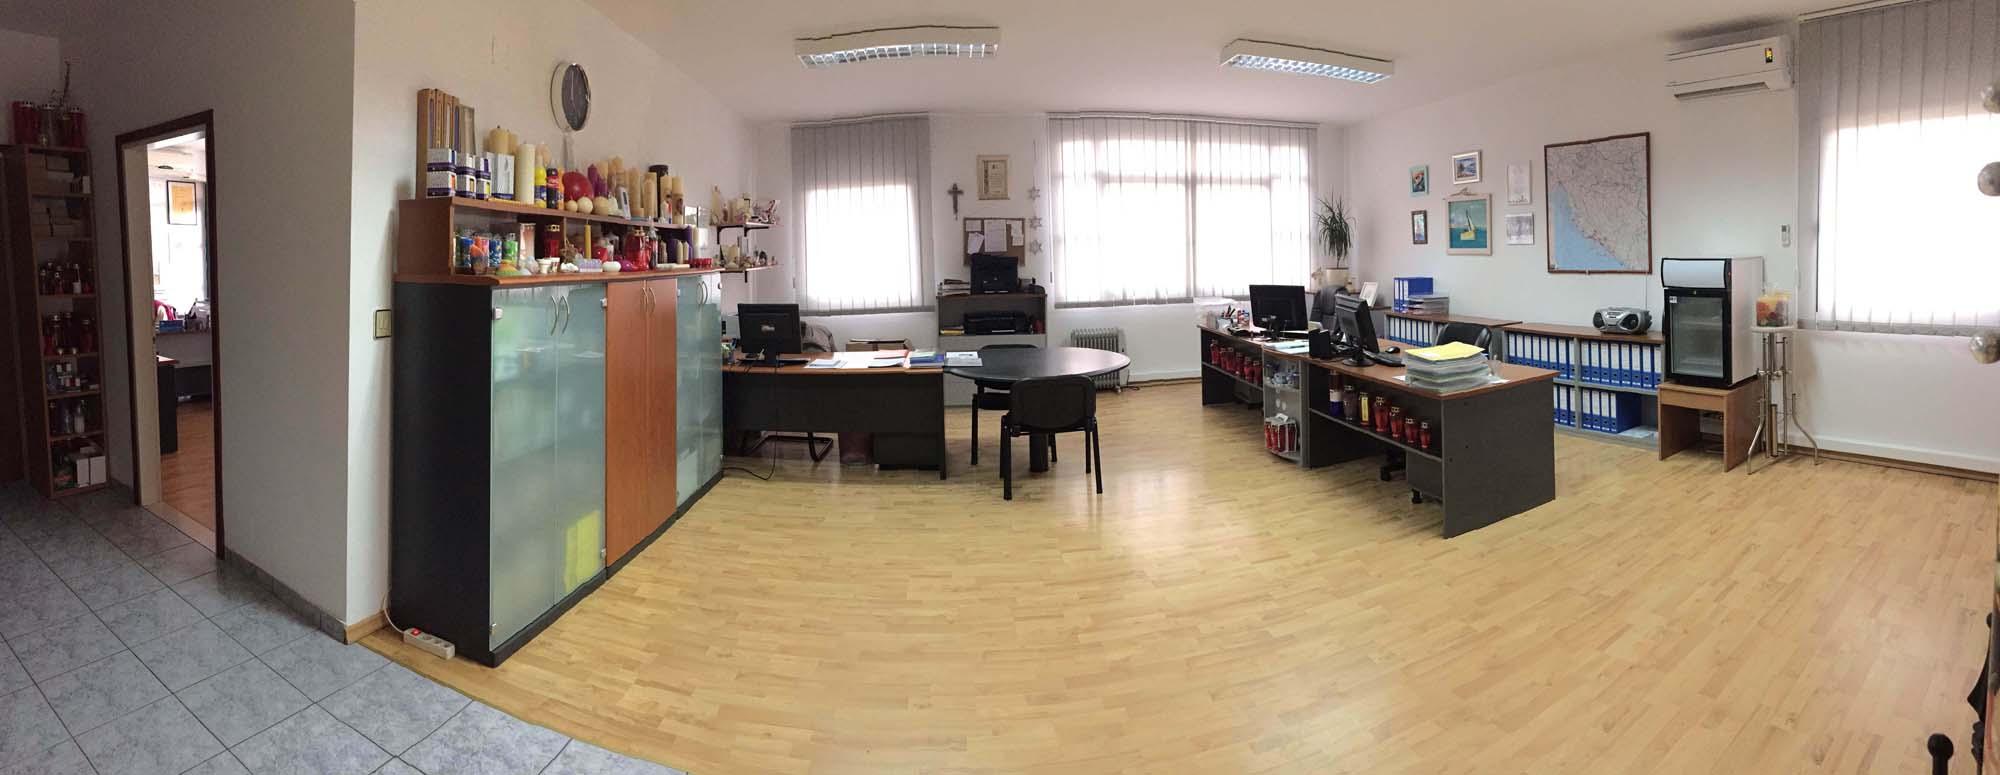 Eljuga-uredi-3